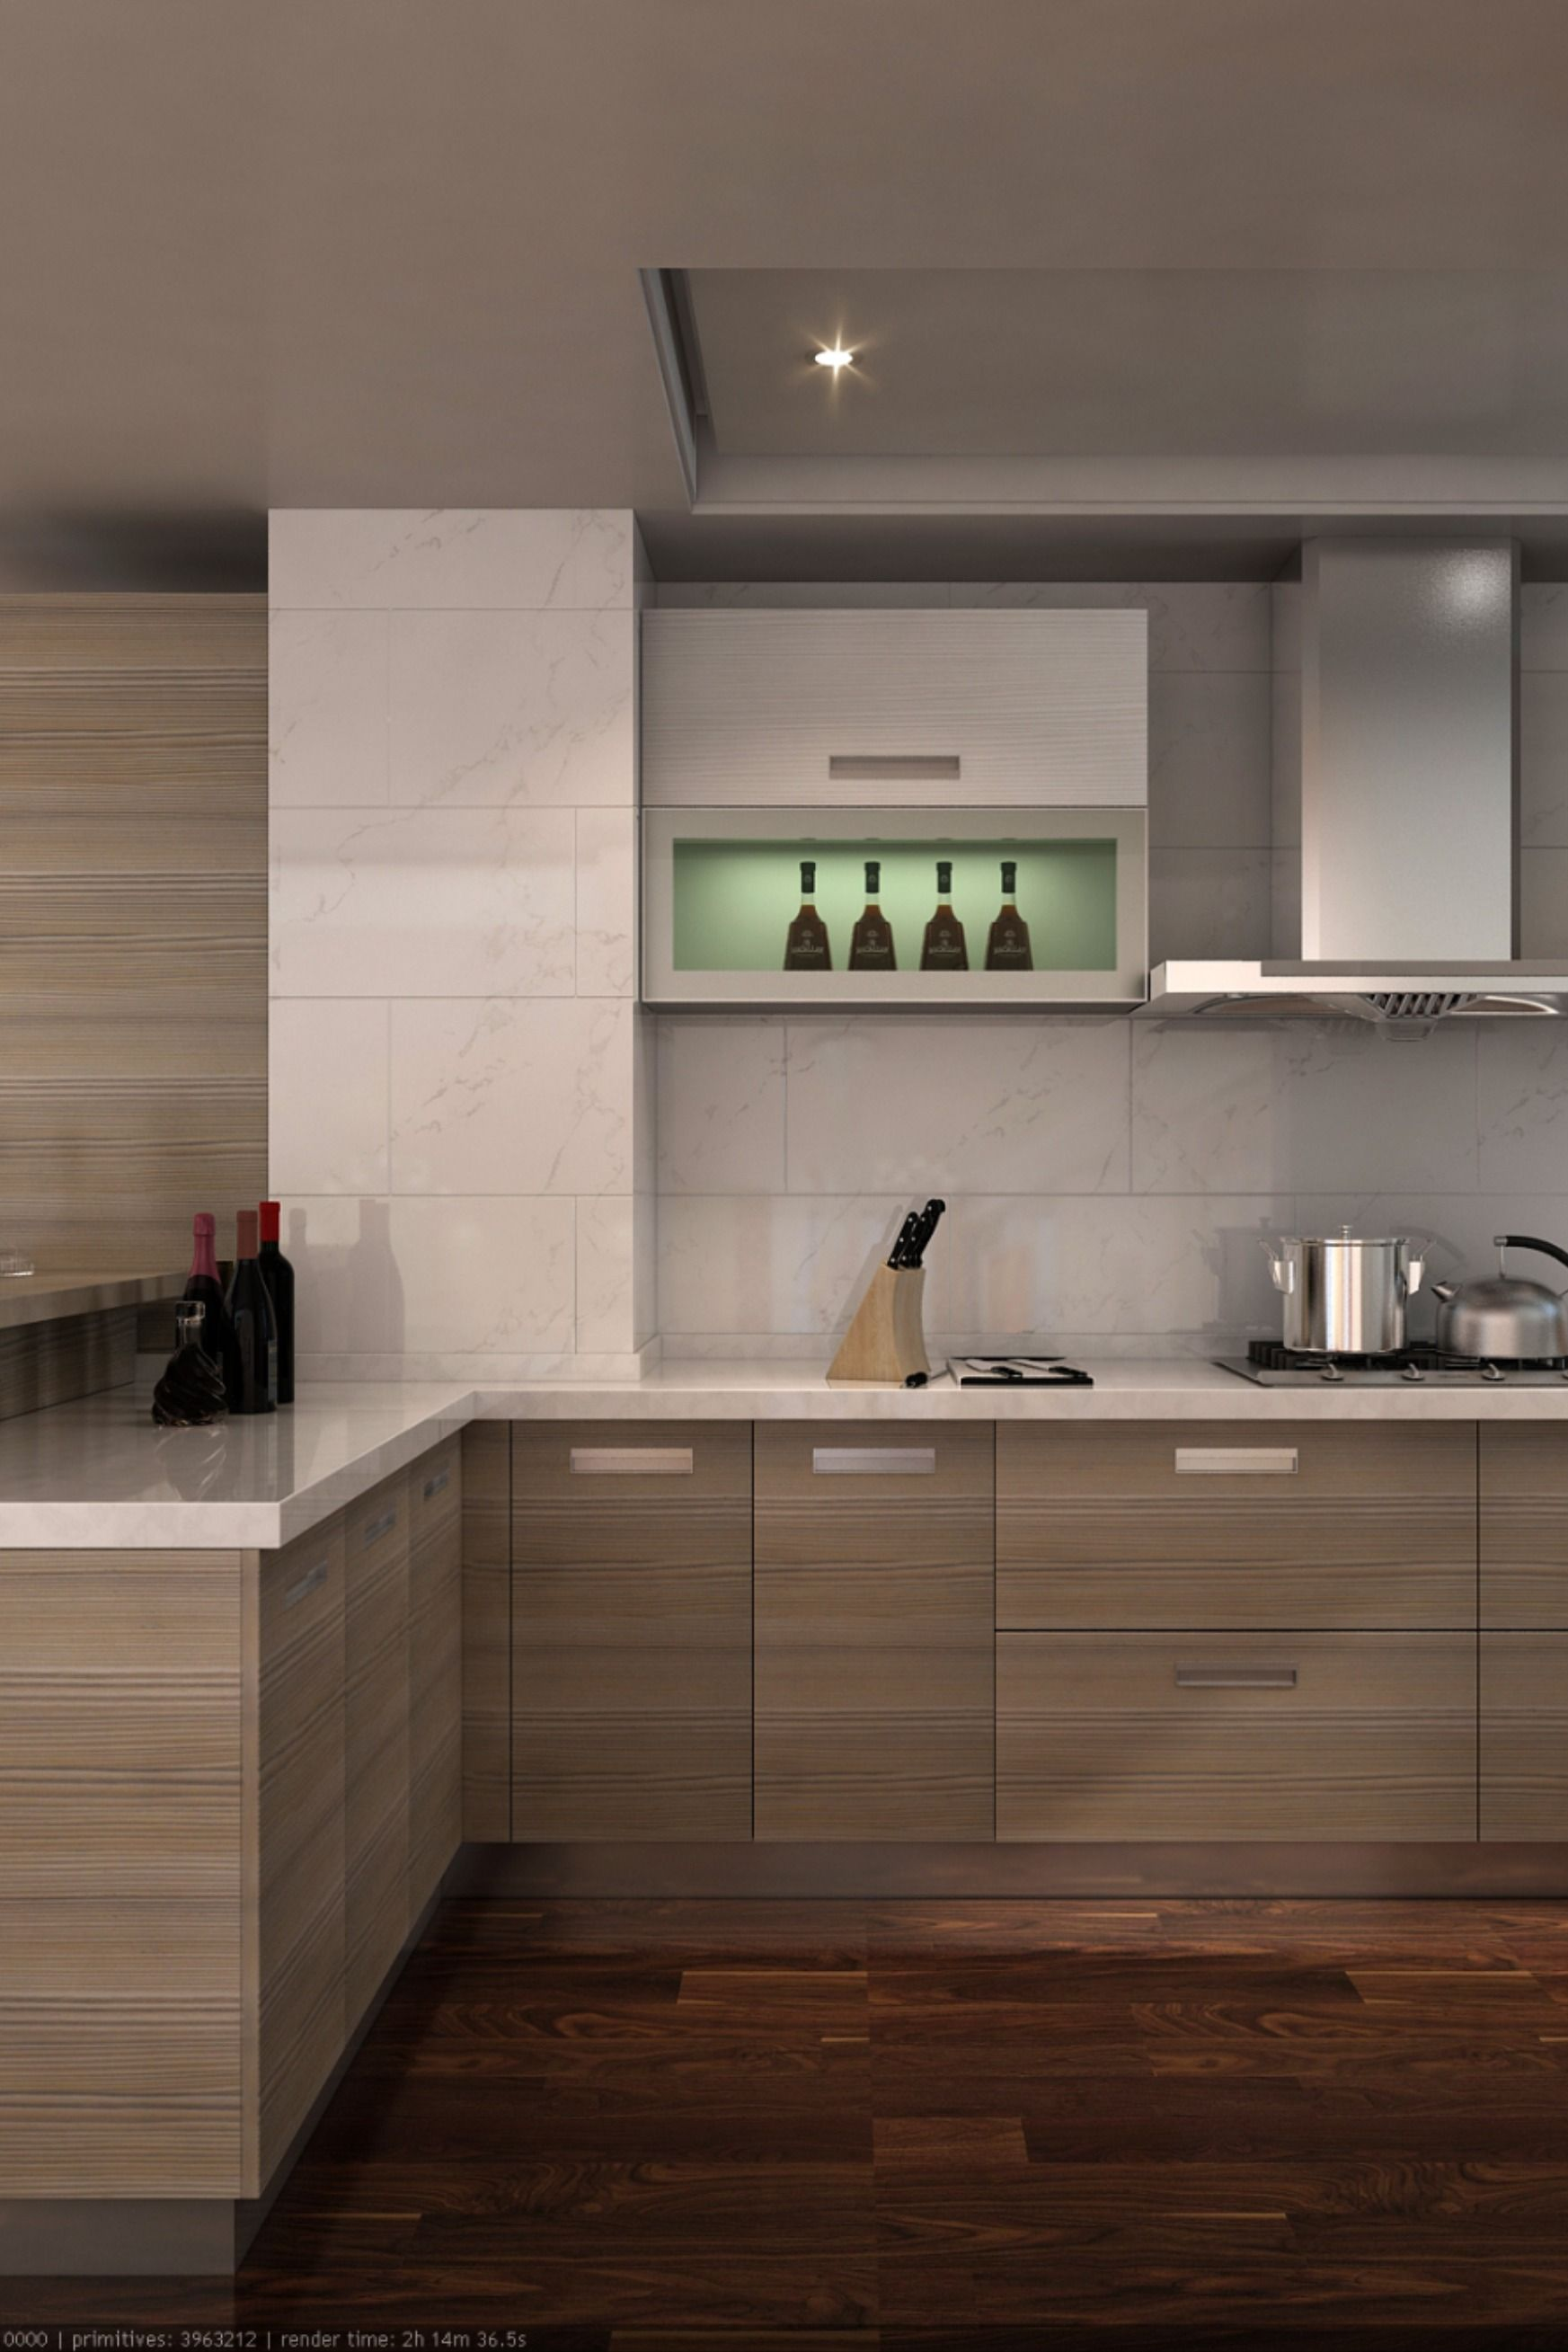 Hpl Kitchen Cabinet Georgebuildings In 2020 Kitchen Cabinets Kitchen Furniture Design Kitchen